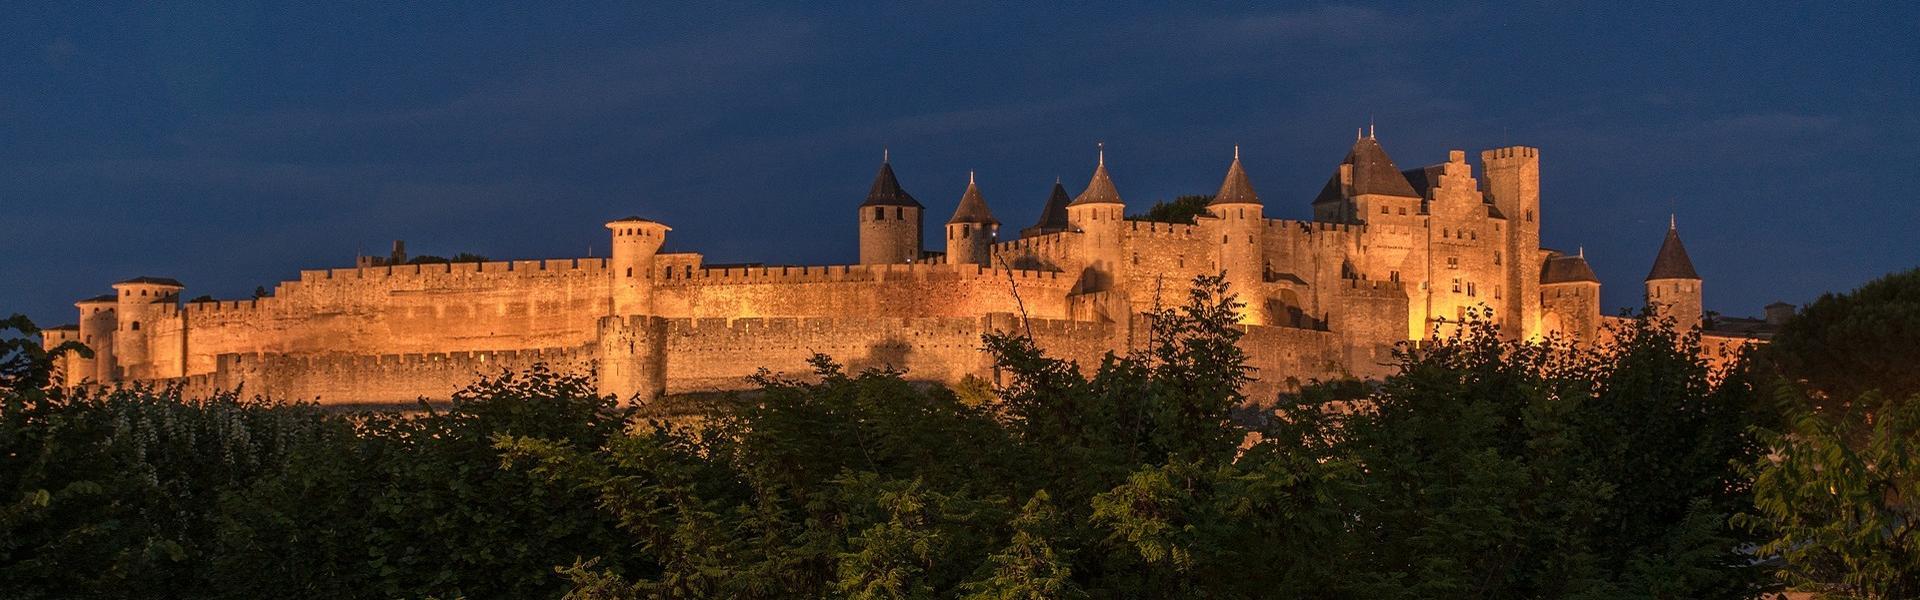 La Cité de Carcassonne, la nuit